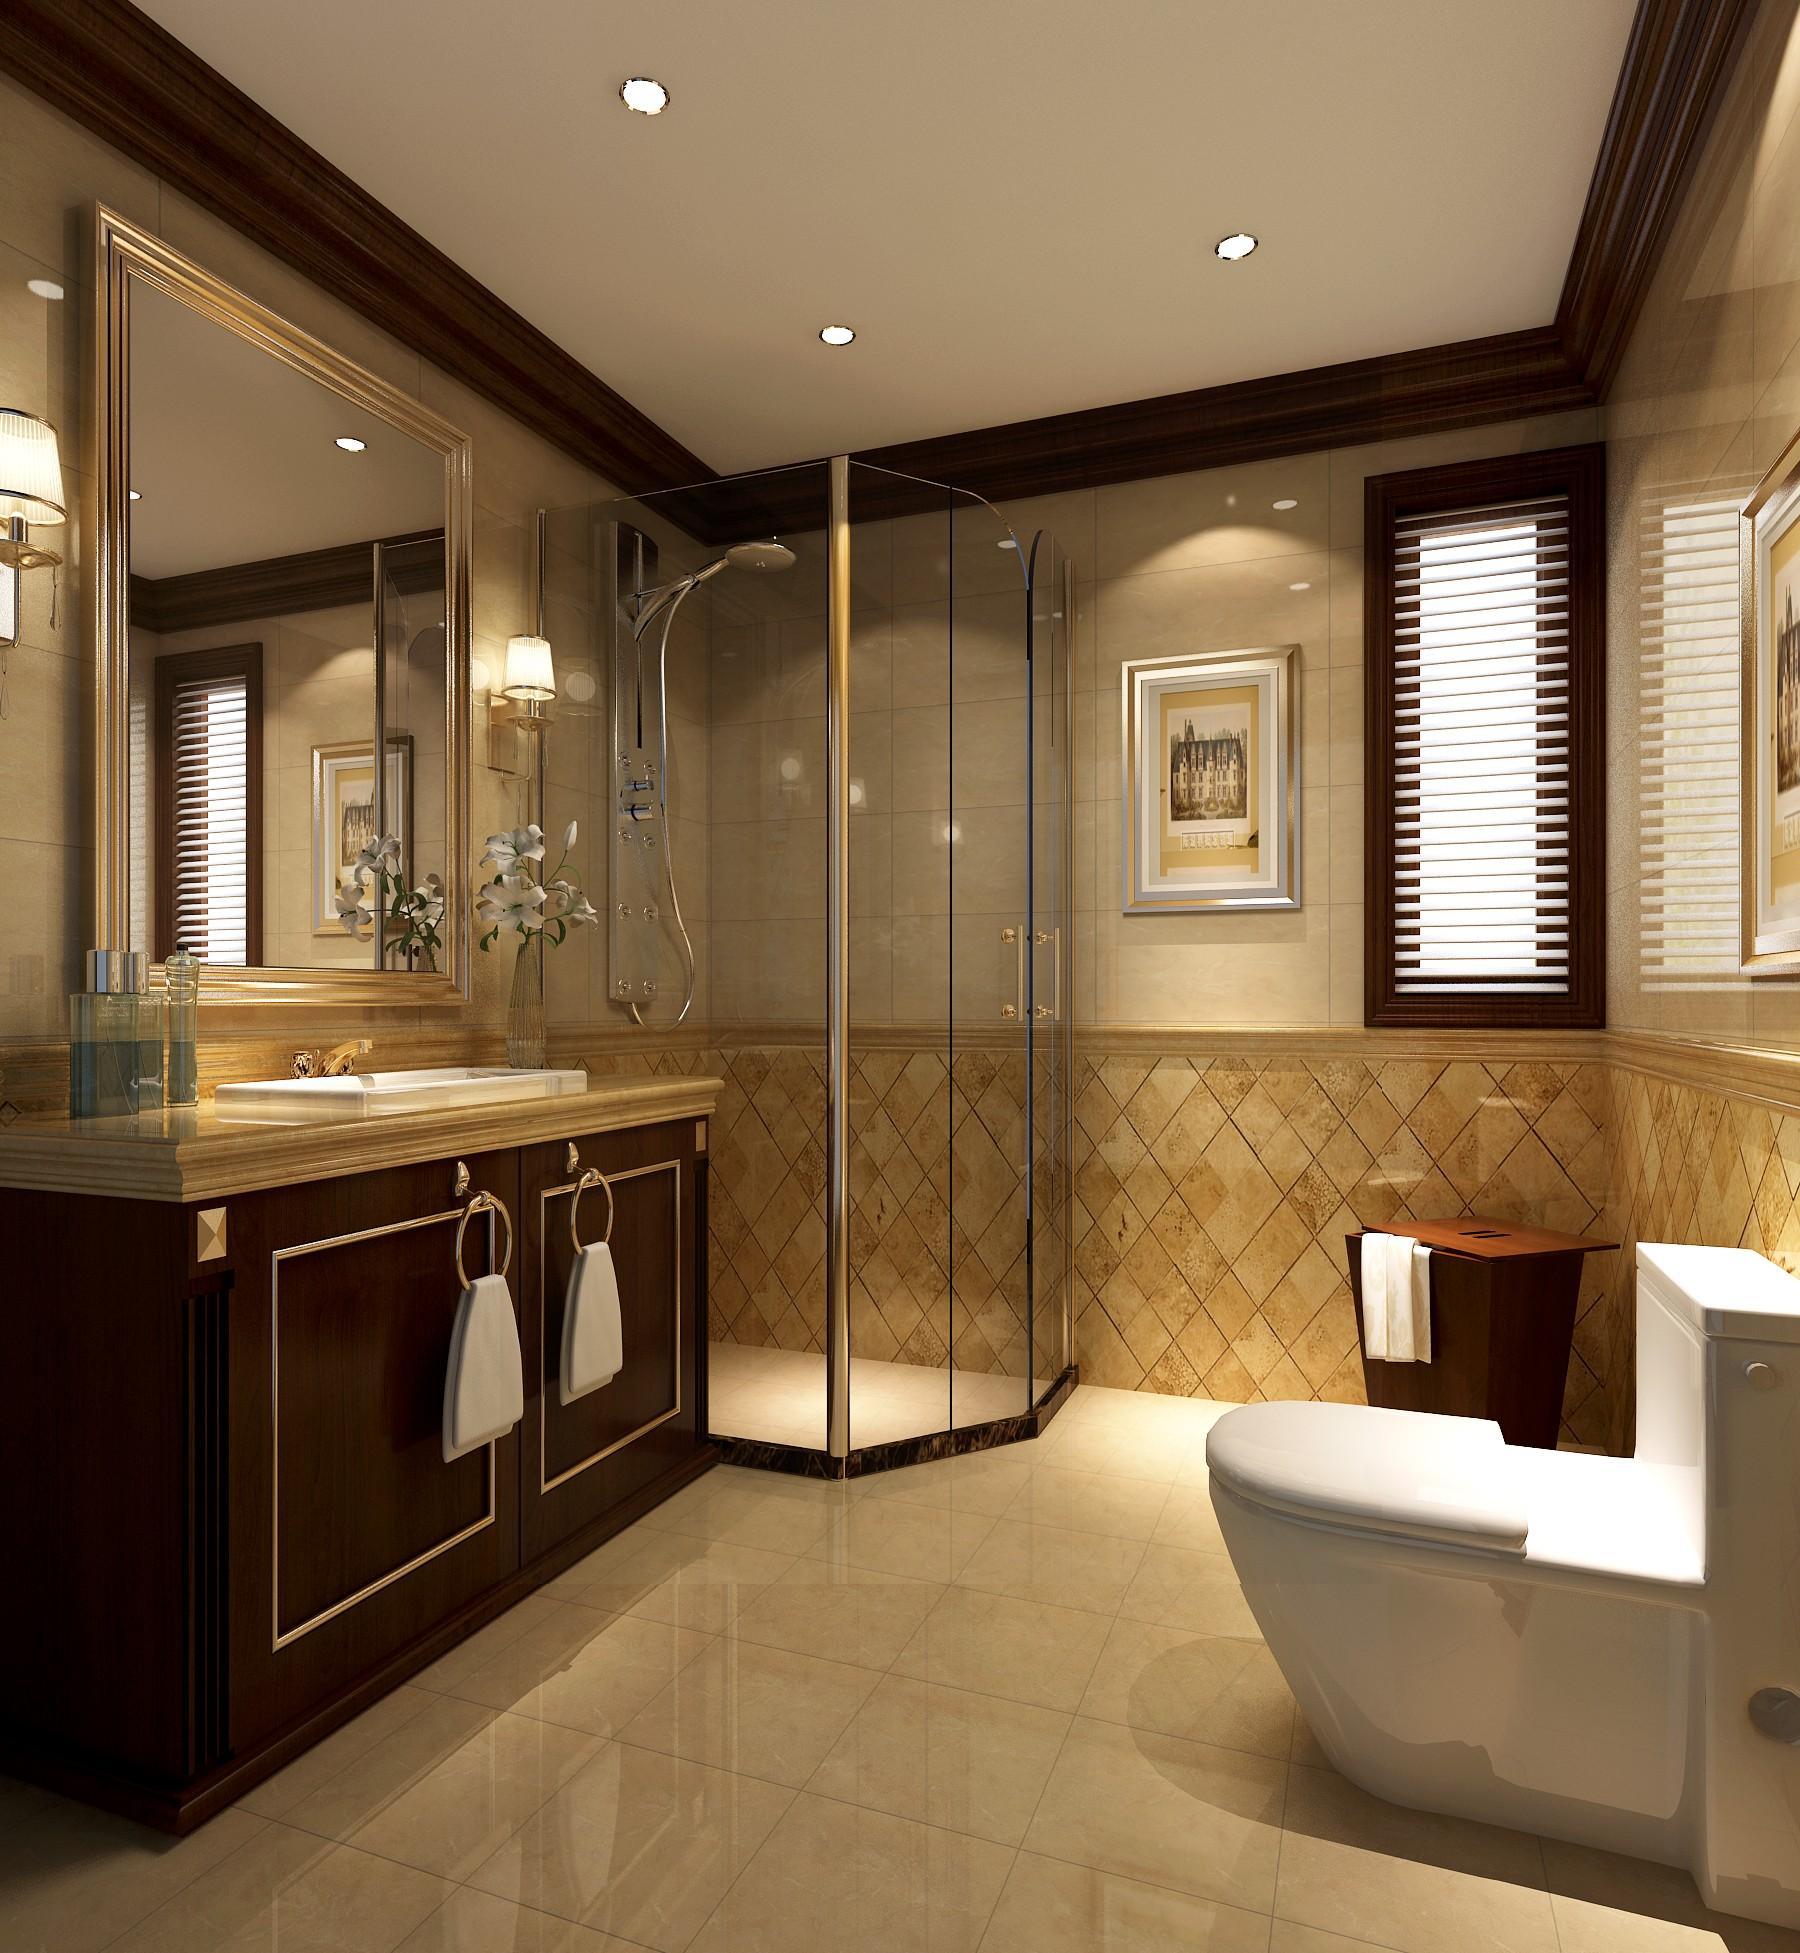 领袖慧谷 高度国际 二居 托斯卡纳 白领 公寓 80后 世界杯 白富美 卫生间图片来自北京高度国际装饰设计在领袖慧谷托斯卡纳公寓的分享